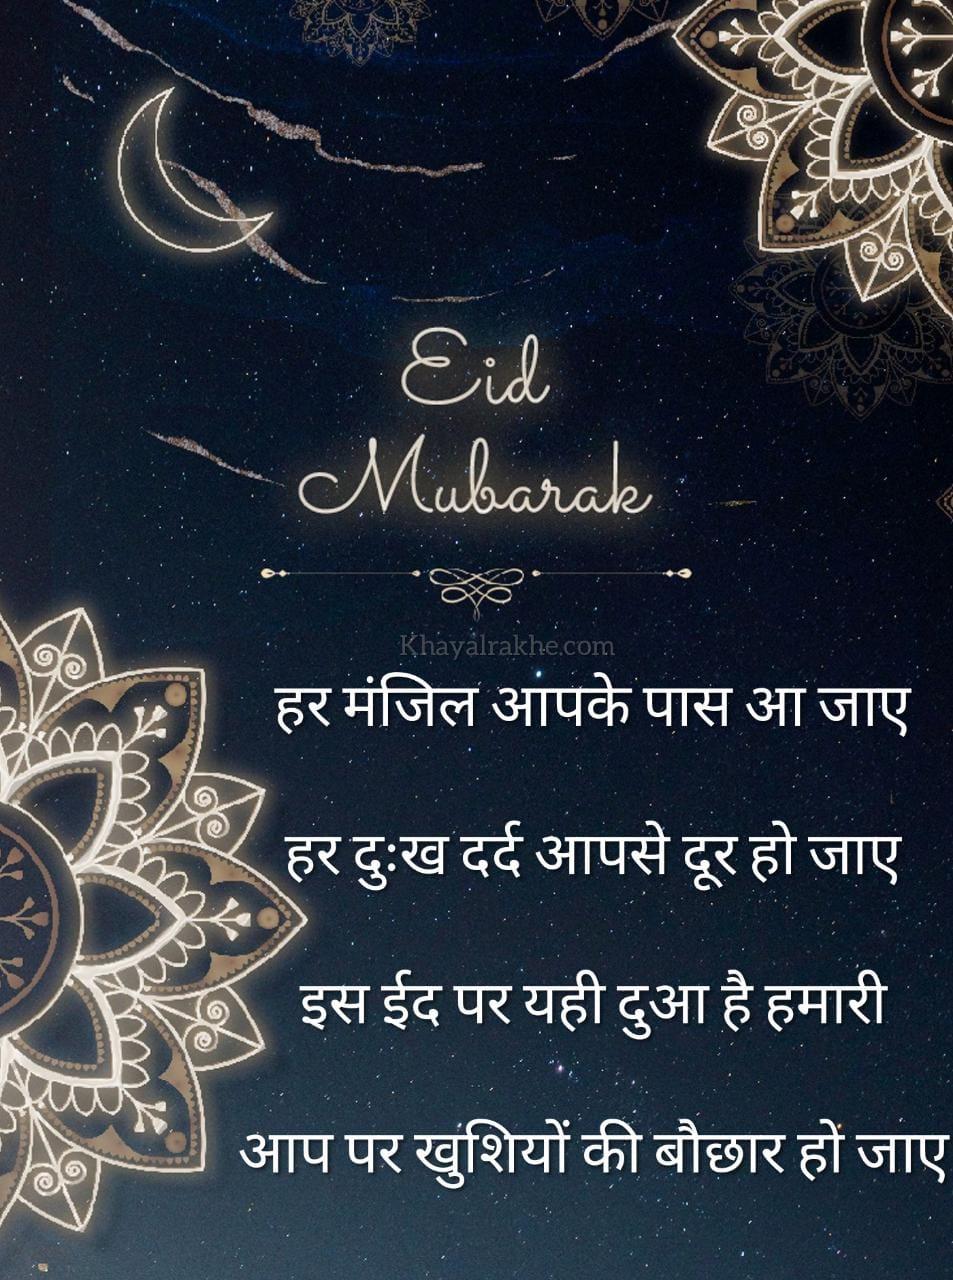 ईद मुबारक हिंदी - Wishes Image